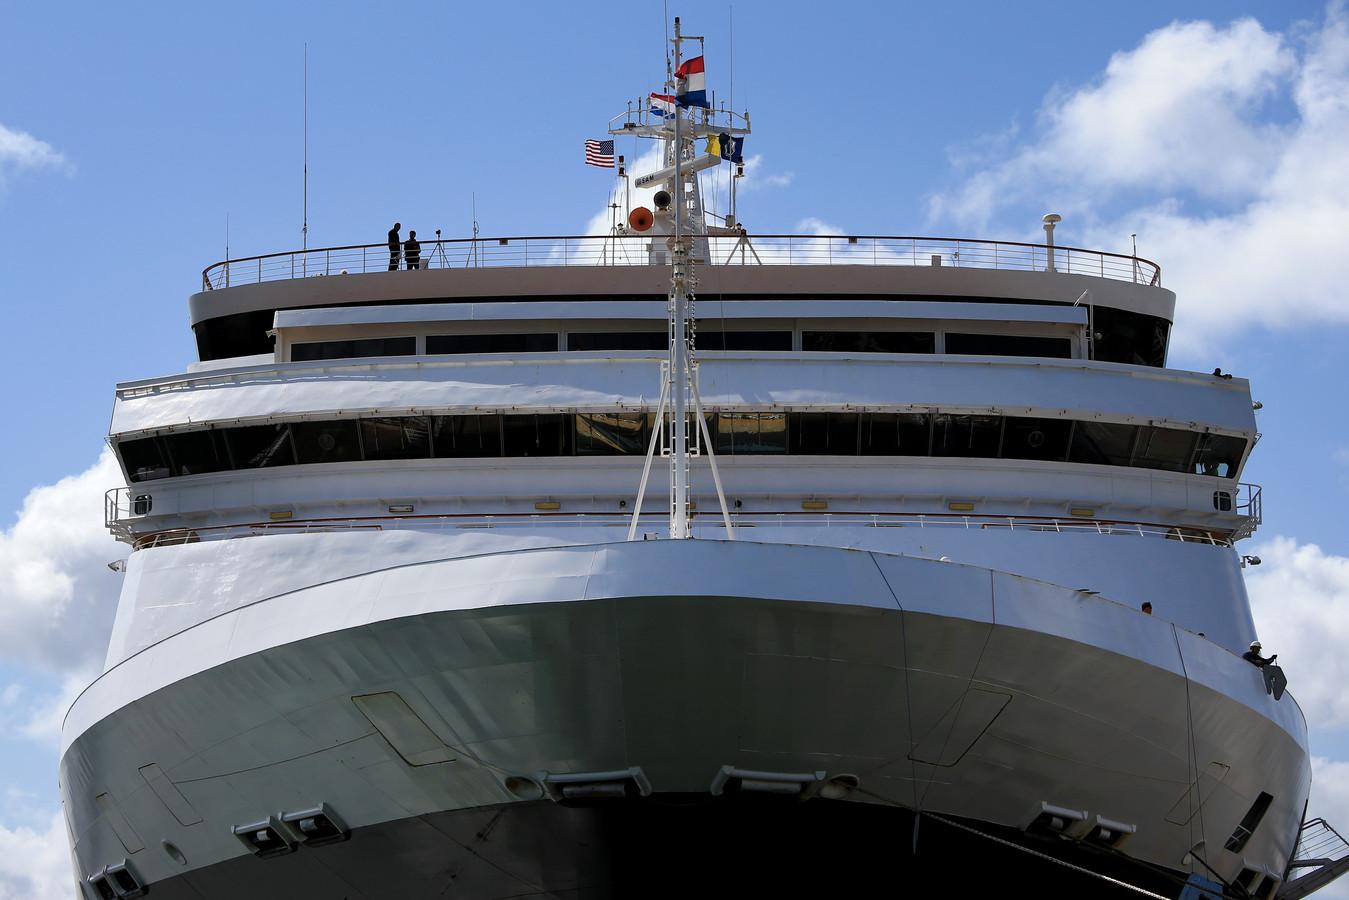 Vier passagiers van cruiseschip Maasdam zijn overleden, aldus de rederij Holland America Line.